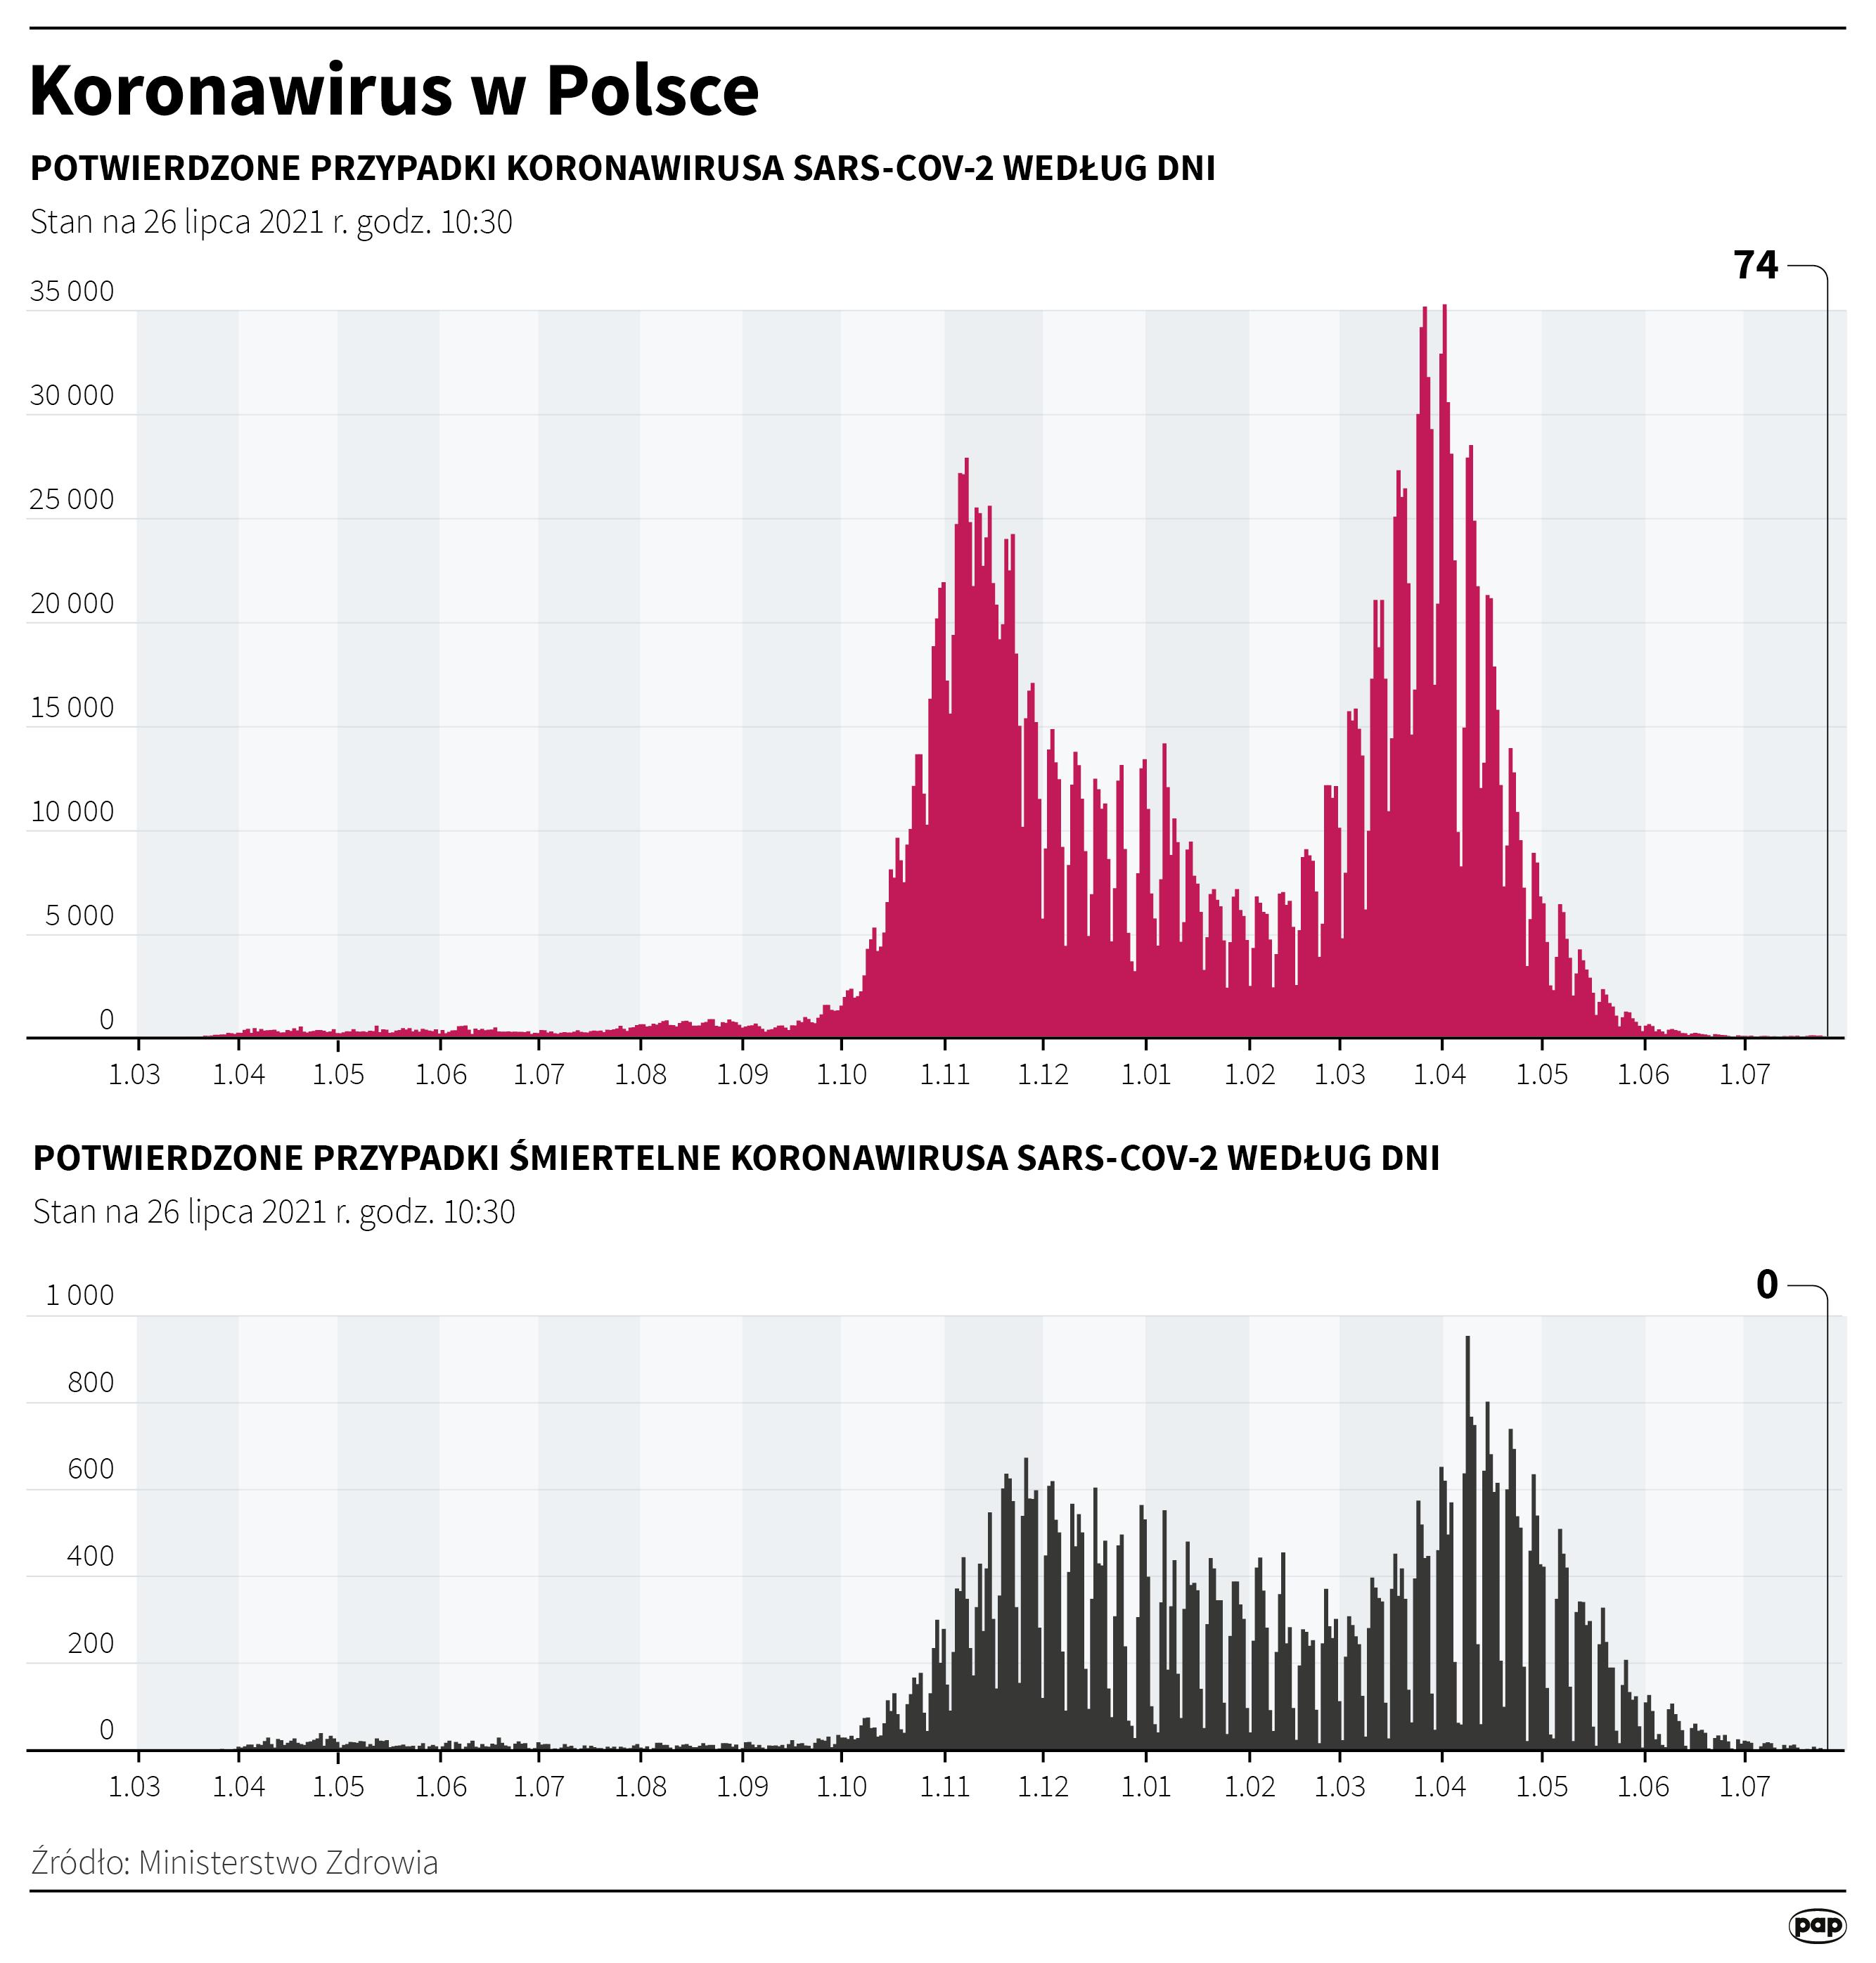 Koronawirus w Polsce - stan na 26 lipca [Autor: Maciej Zieliński, źródło: PAP]